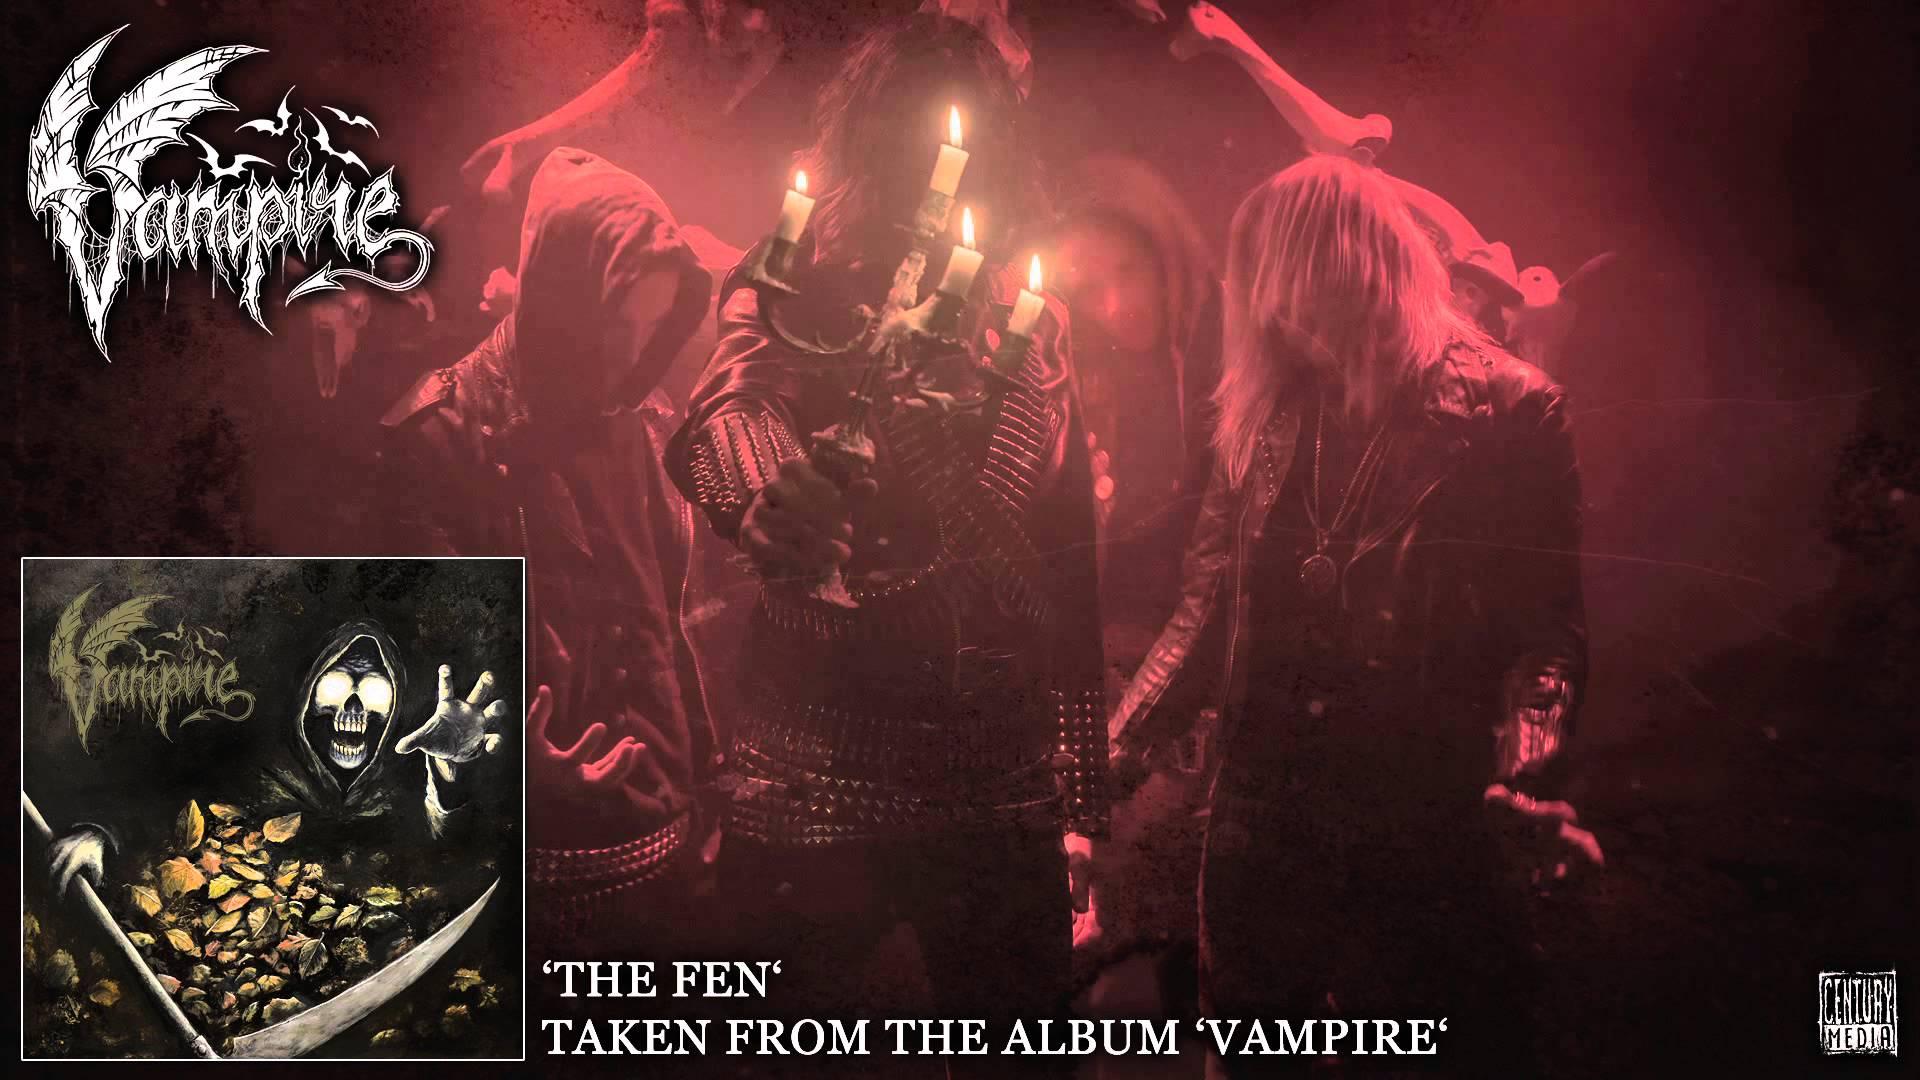 VAMPIRE - The Fen (Album Track)